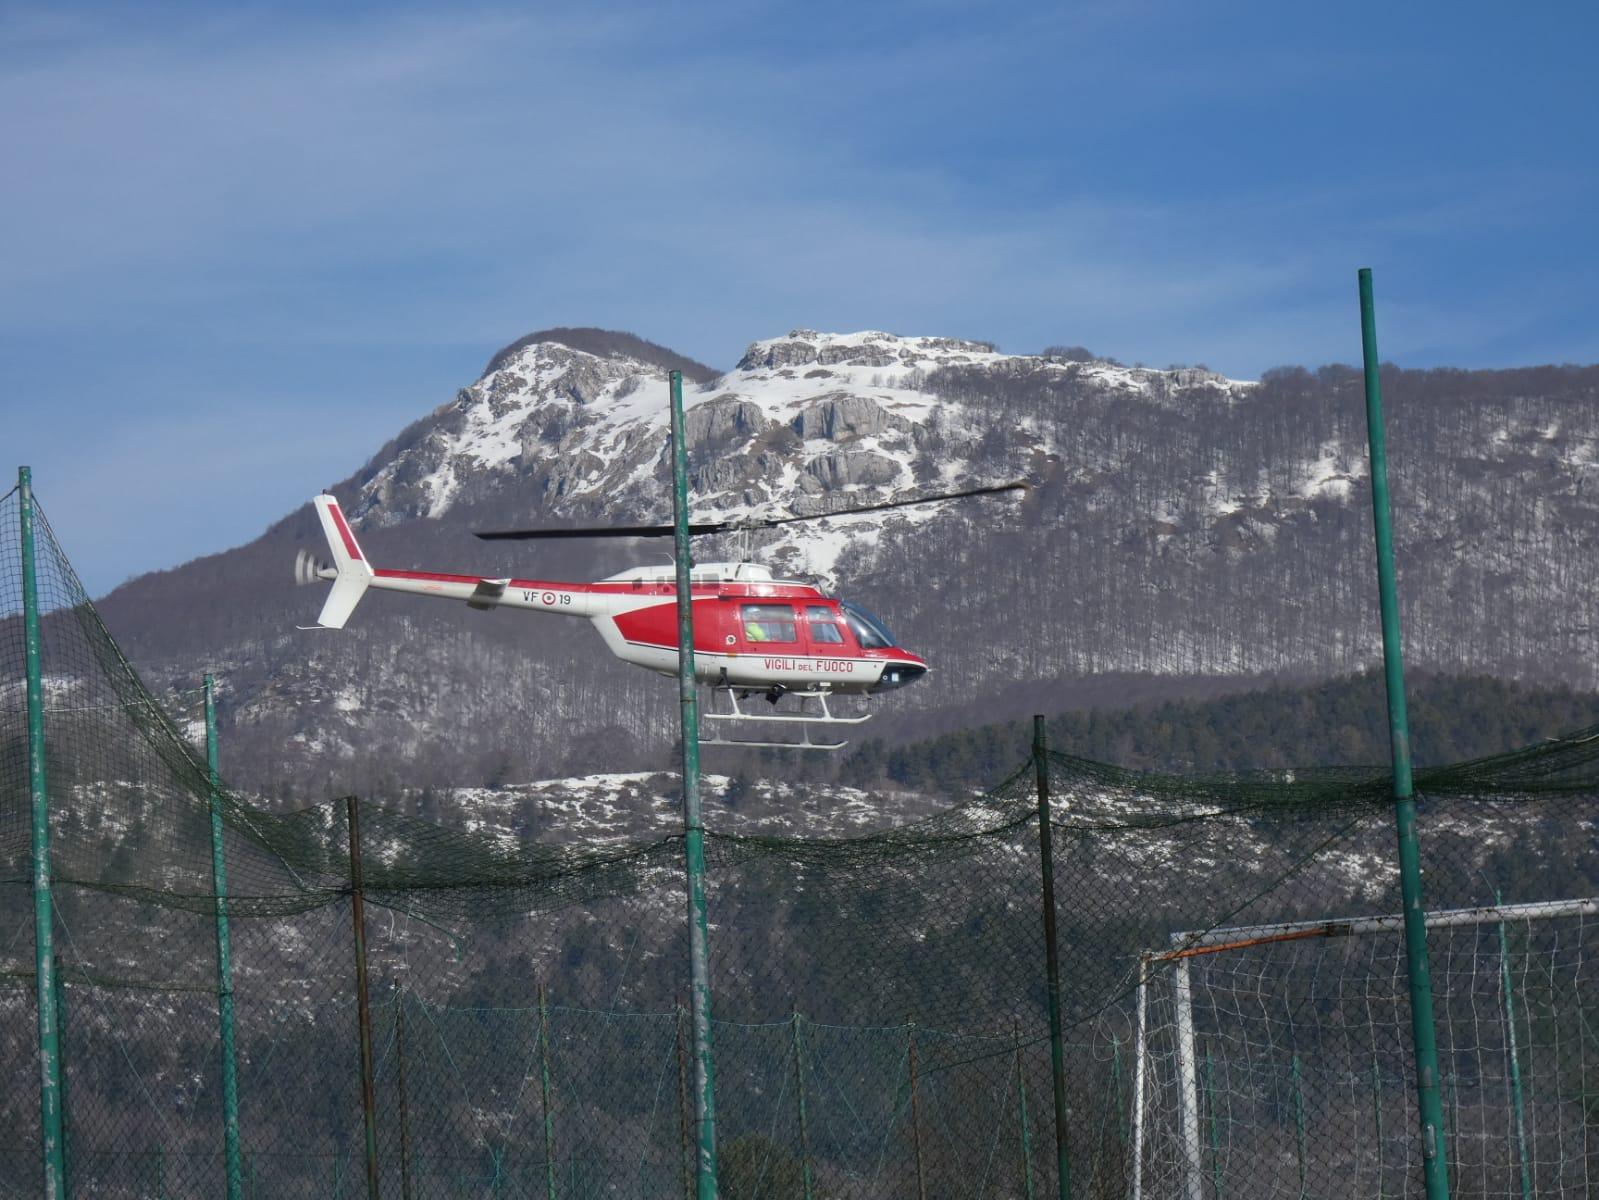 Vastogirardi: proseguono senza sosta le ricerche dell'82 enne scomparsa. Si sta utilizzando anche un elicottero. Nessuna traccia dell'anziana.